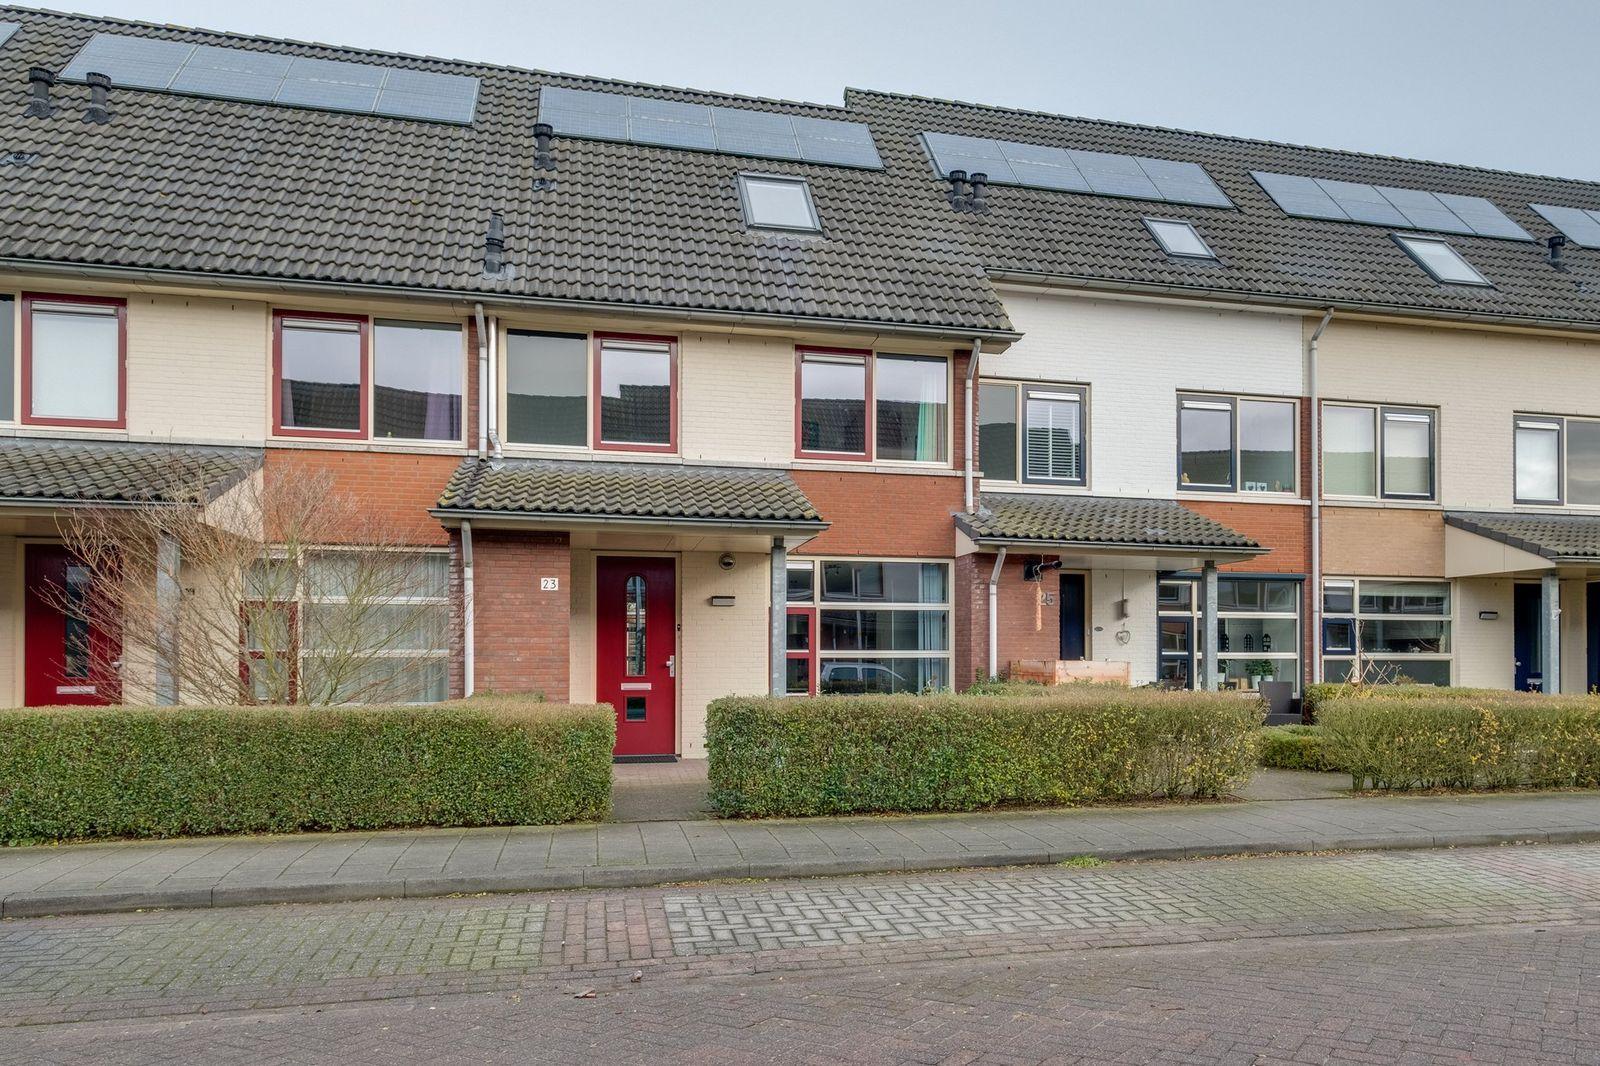 De Teuge 23, Zutphen